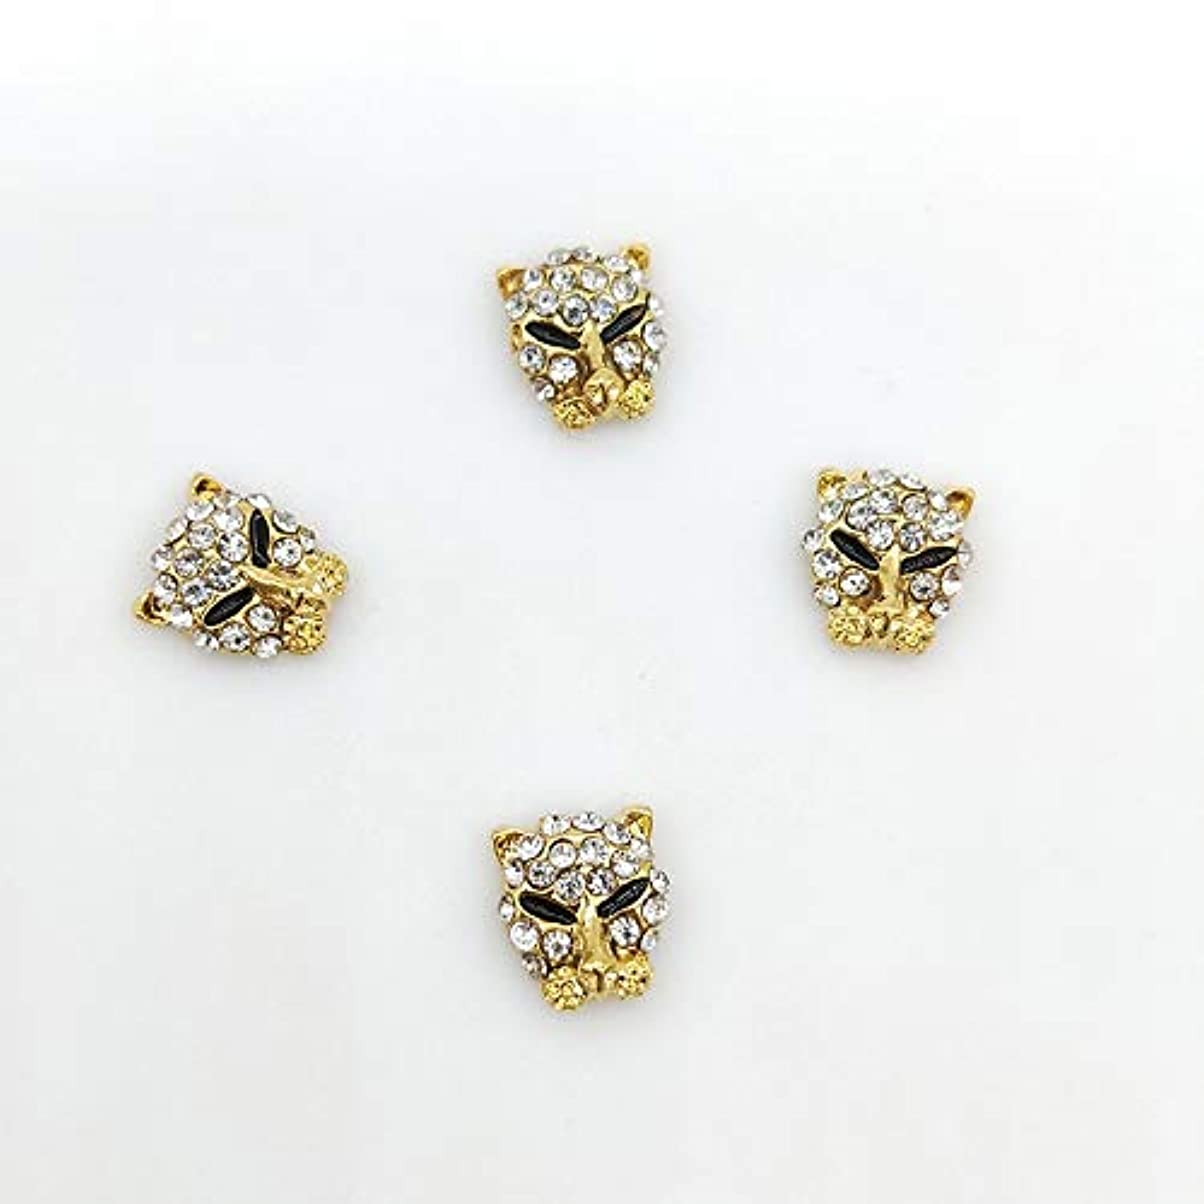 彼の教えて民主党10 PCS /バッグクリアラインストーンの釘のジュエリーLeopardの形状ネイルアートの装飾宝石の3D合金ネイルダイヤモンドDIYマニキュア